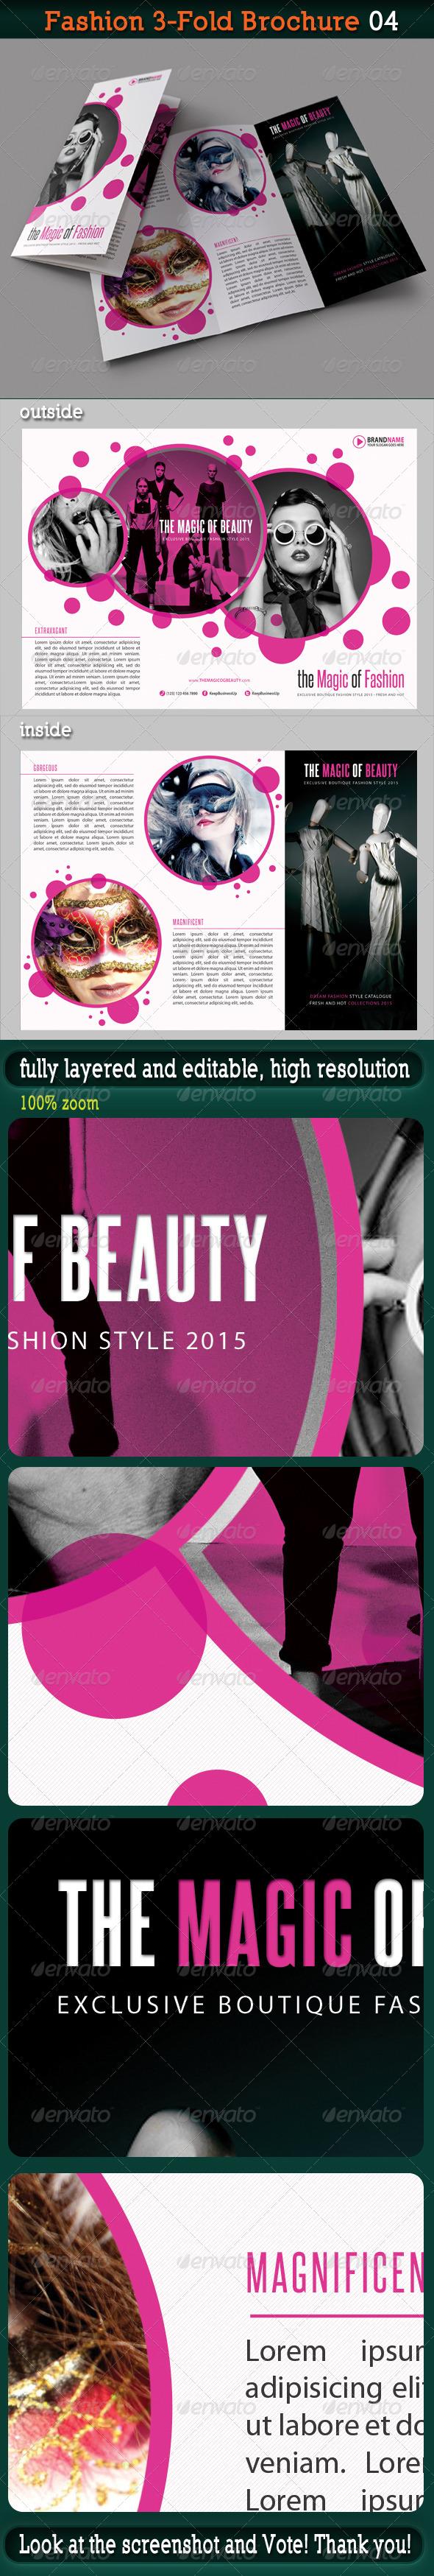 GraphicRiver Fashion 3-Fold Brochure 04 5727169